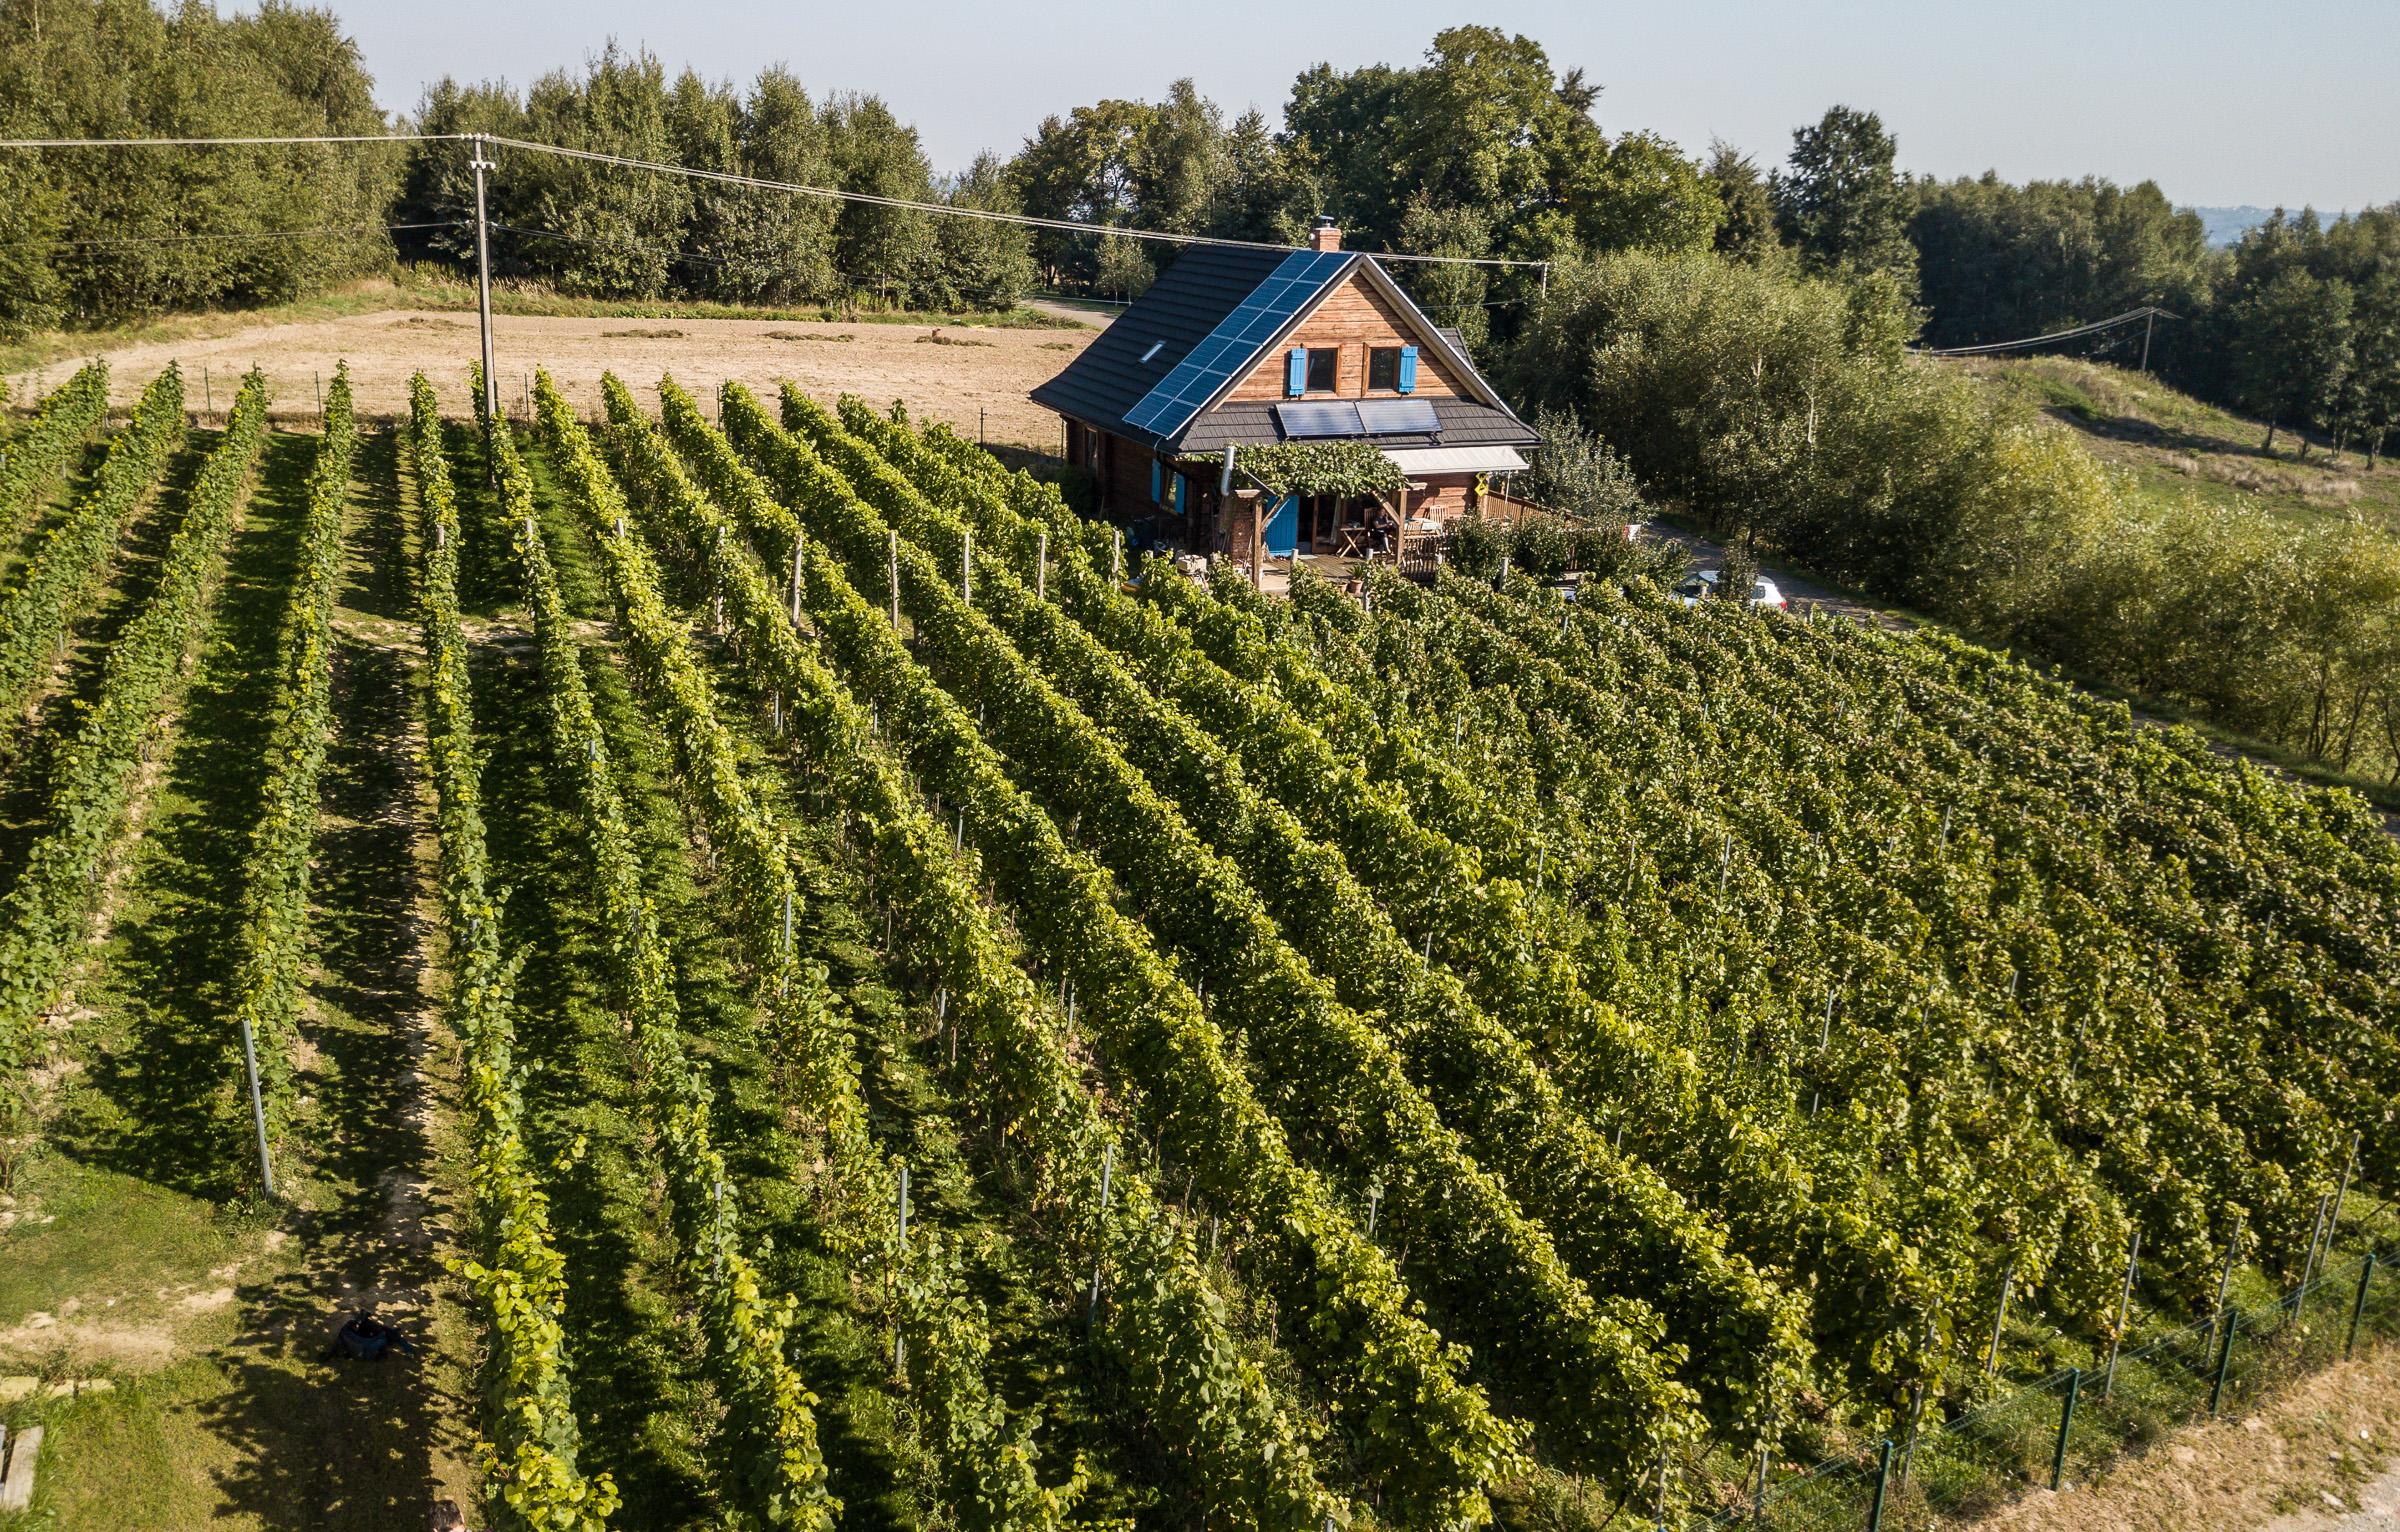 Winnica Granice